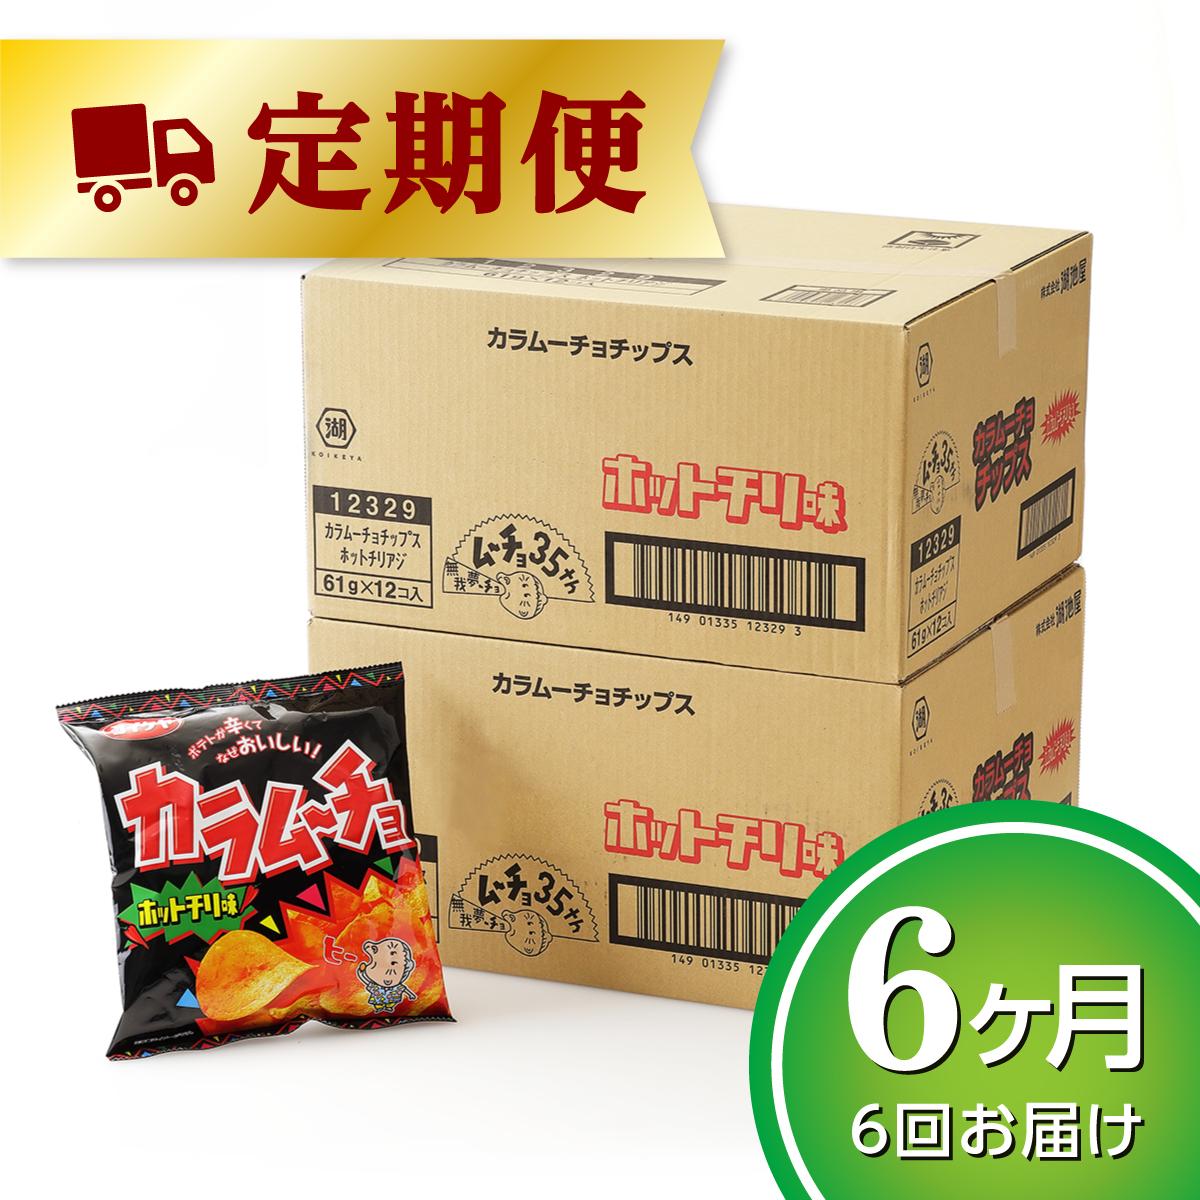 【ふるさと納税】湖池屋「カラムーチョチップス」12袋×2箱【6ヶ月】